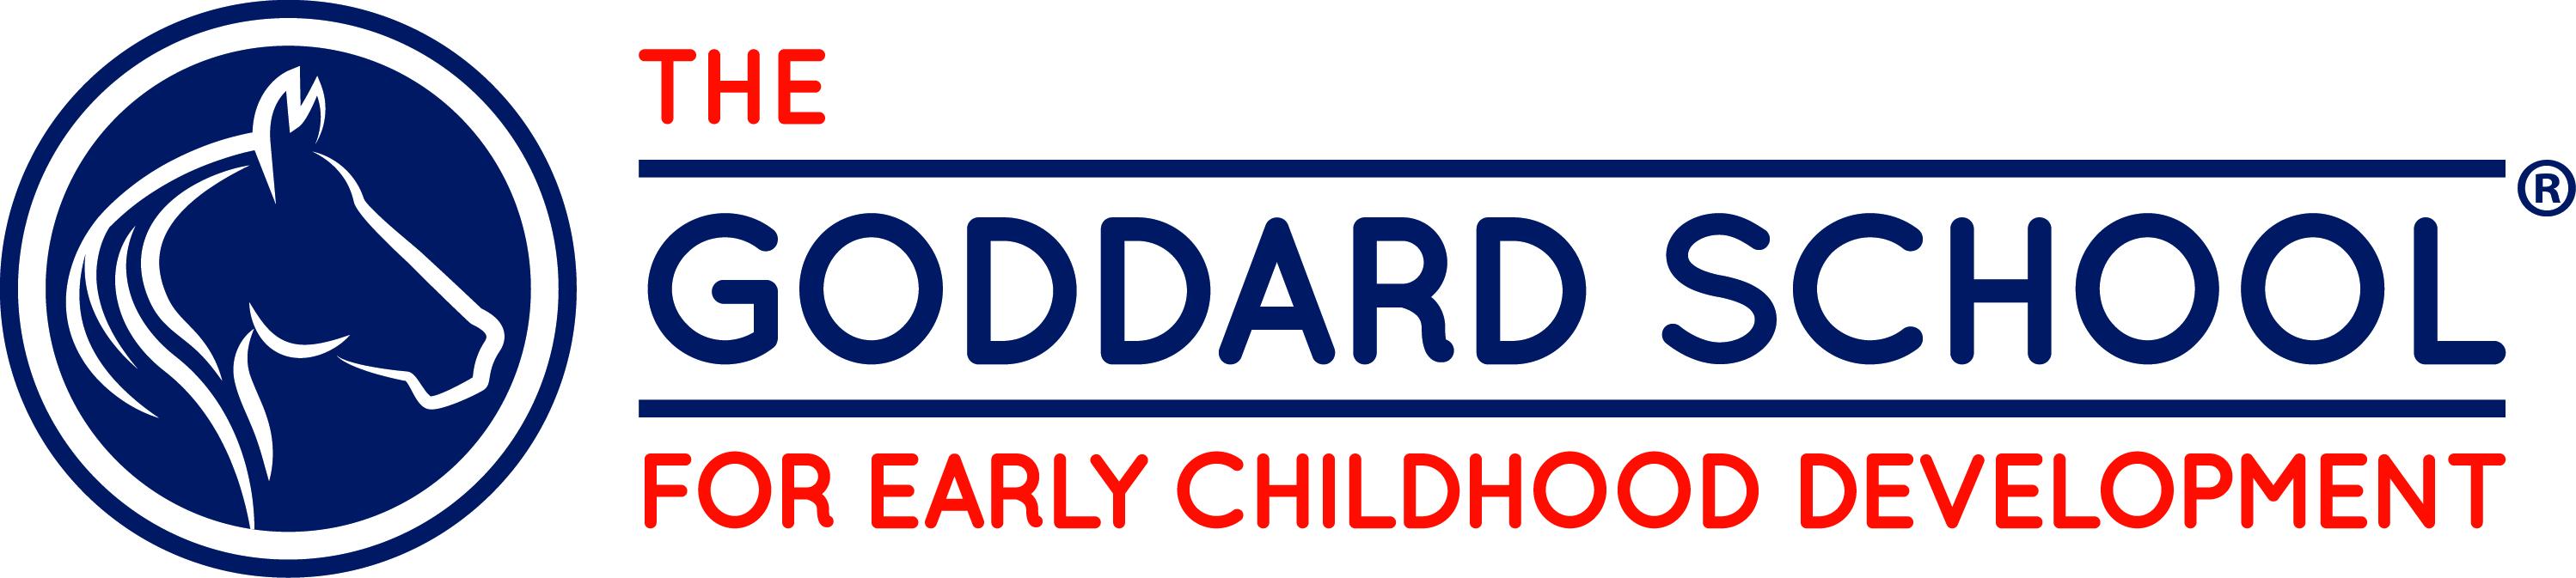 The Goddard School Cordova